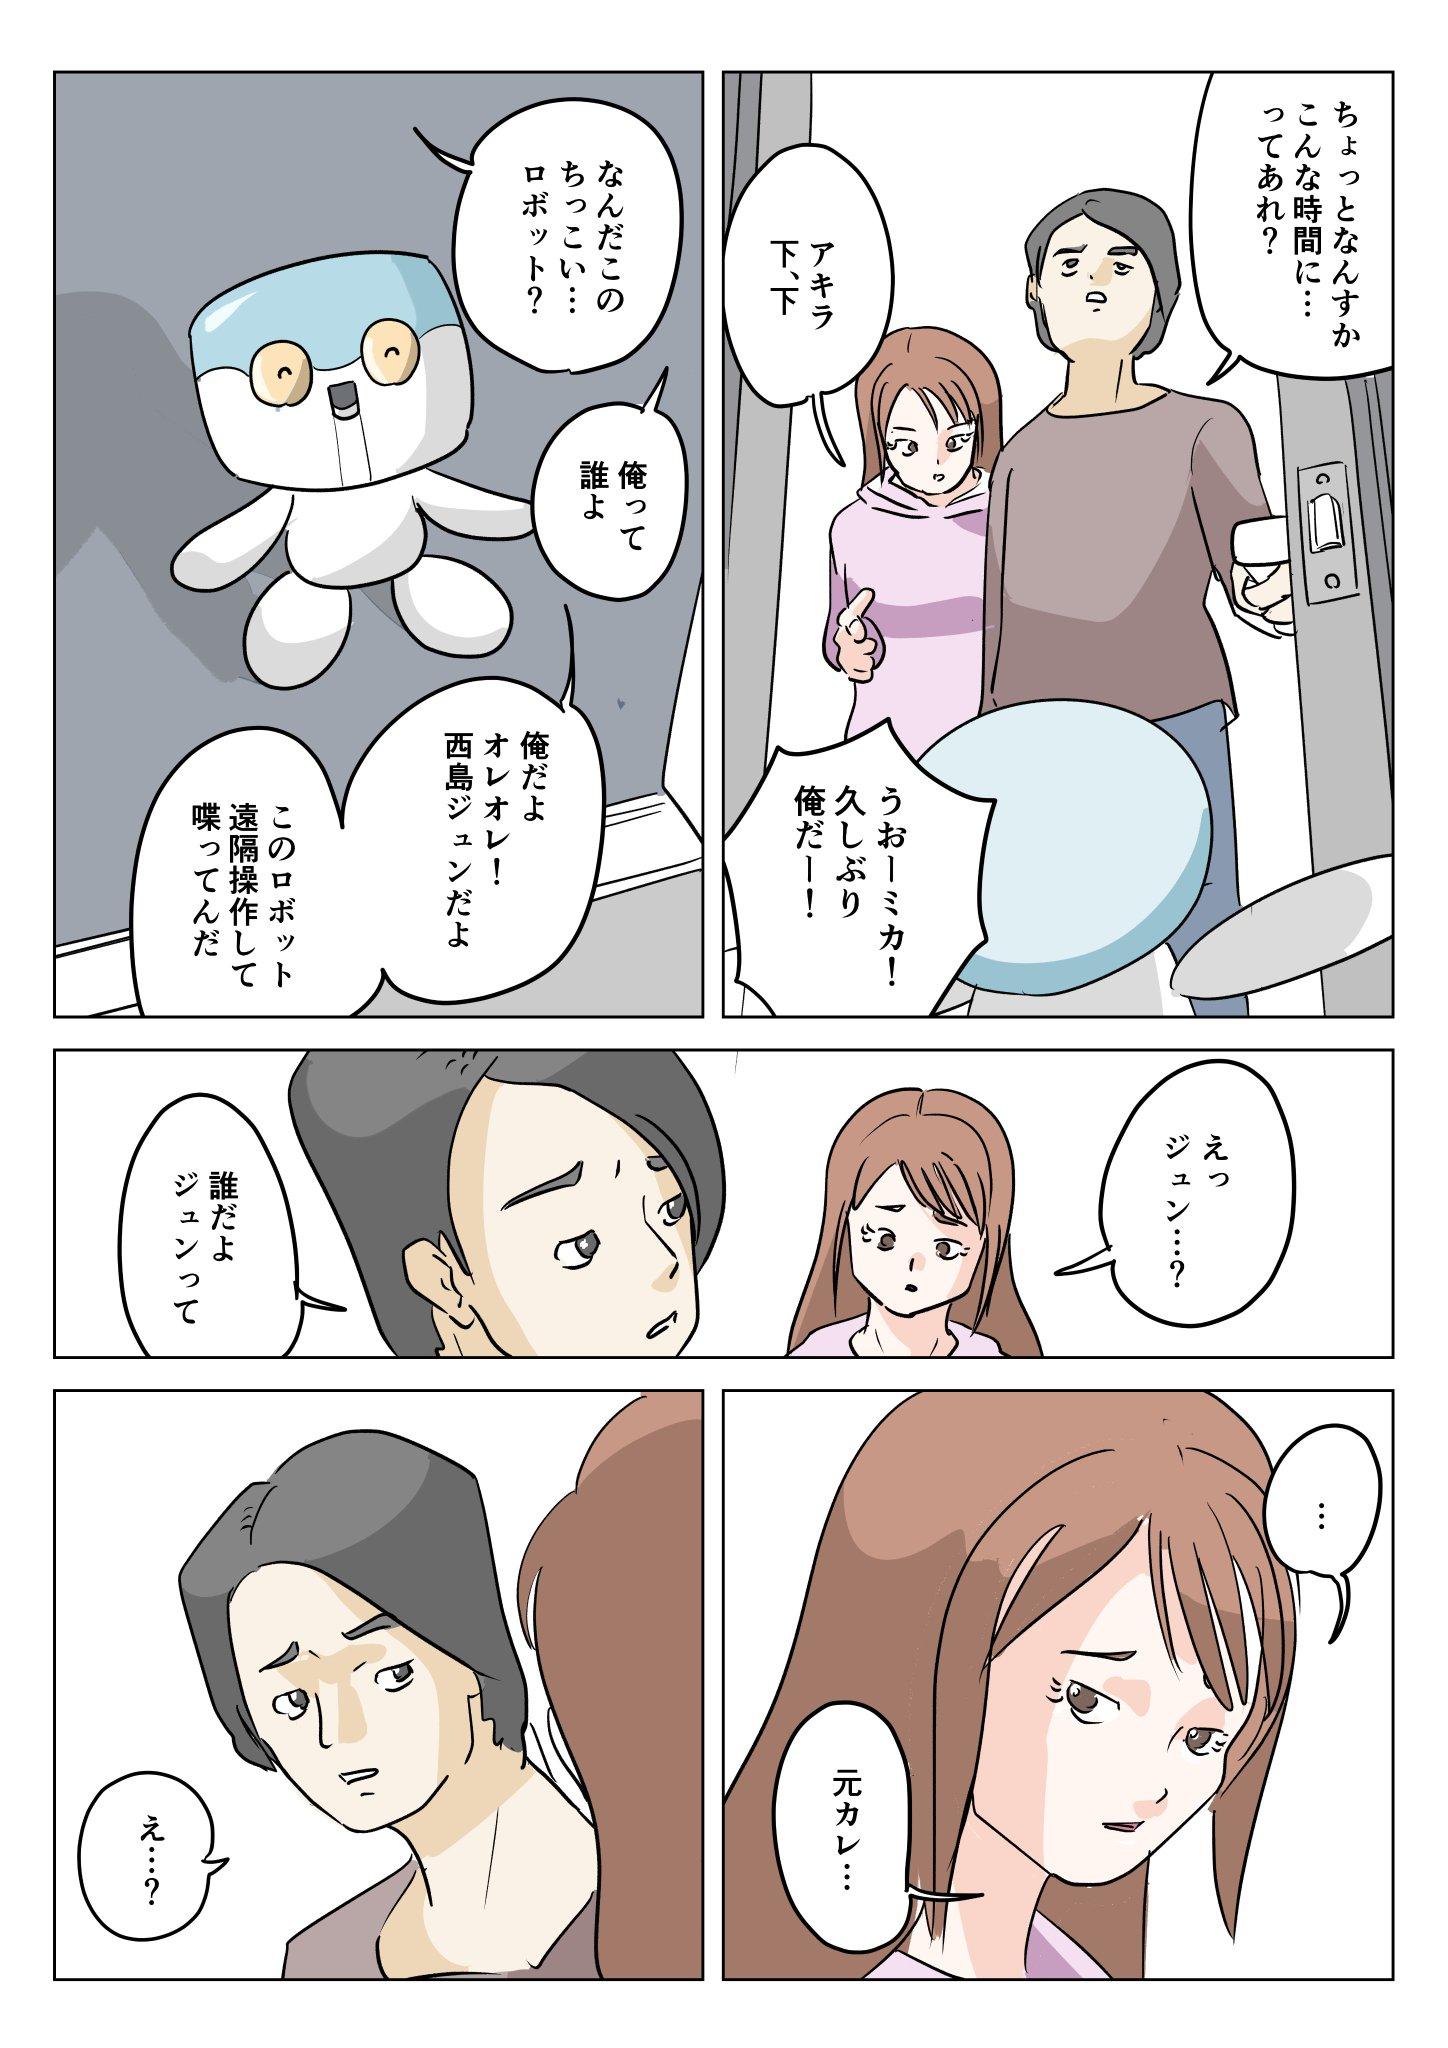 「状況が急すぎる」wwww死にかけの元カレとの三角関係の漫画wwww